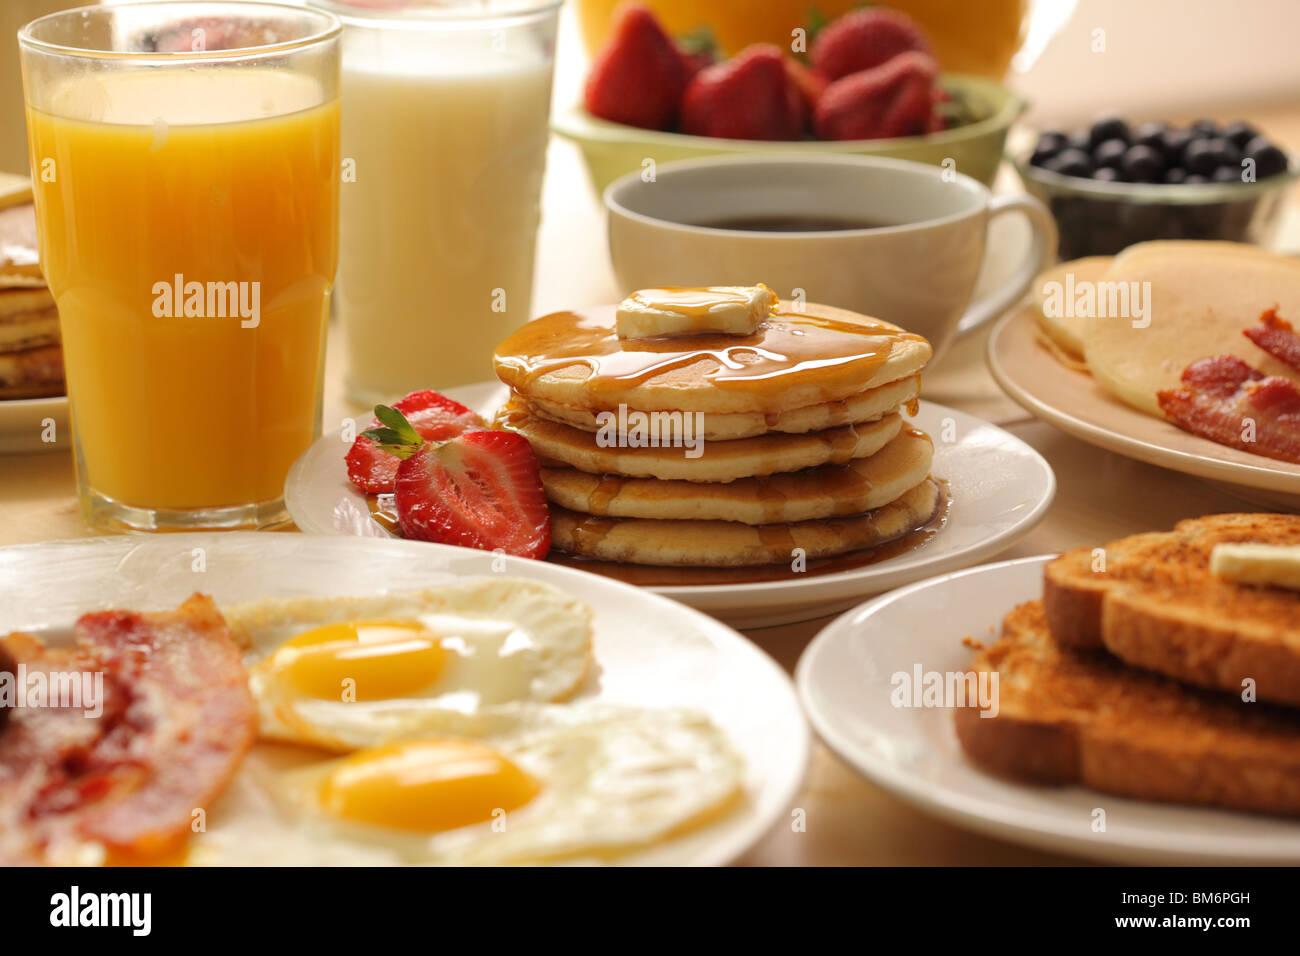 Frühstück Pfannkuchen, Obst, Eiern, Speck und toast Stockbild